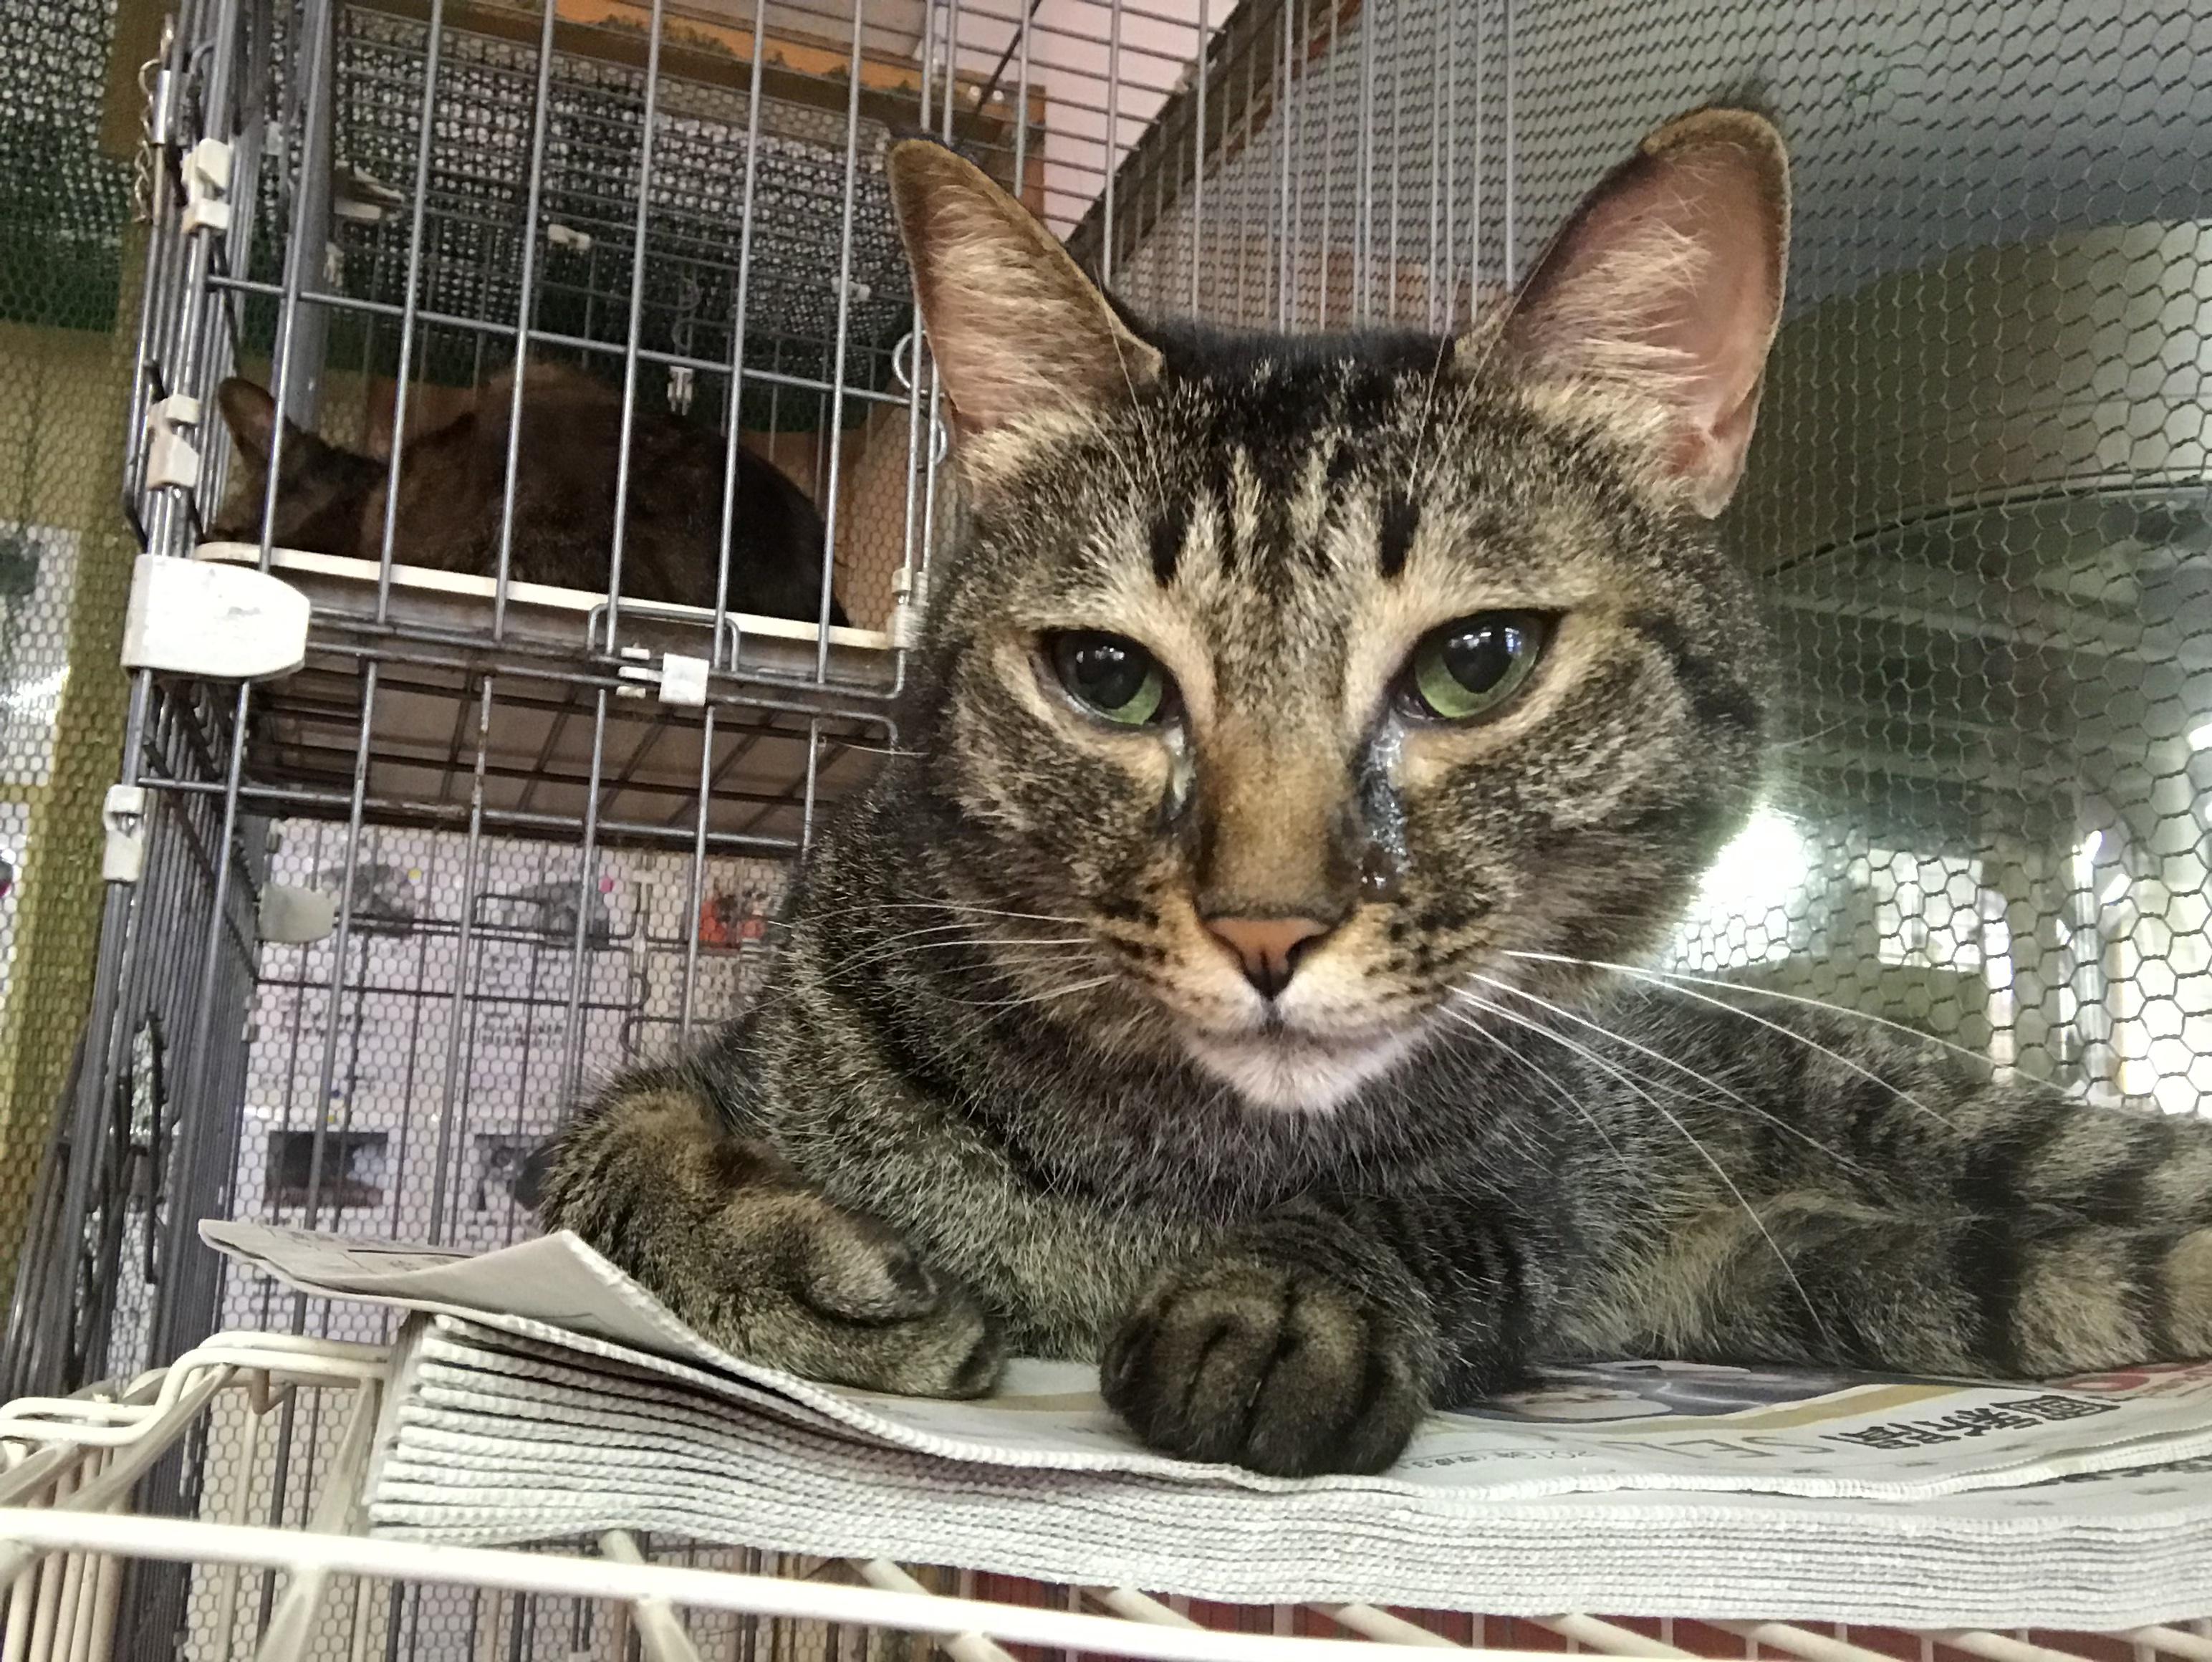 <p></p> <ul> <li>猫種:日本猫 キジトラ</li> <li>性別:男の子</li> <li>名前:コジロウ</li> <li>年齢:H29年 5月25日</li> <li>保護経緯:飼い主様の諸事情のため飼育困難になりました</li> </ul>